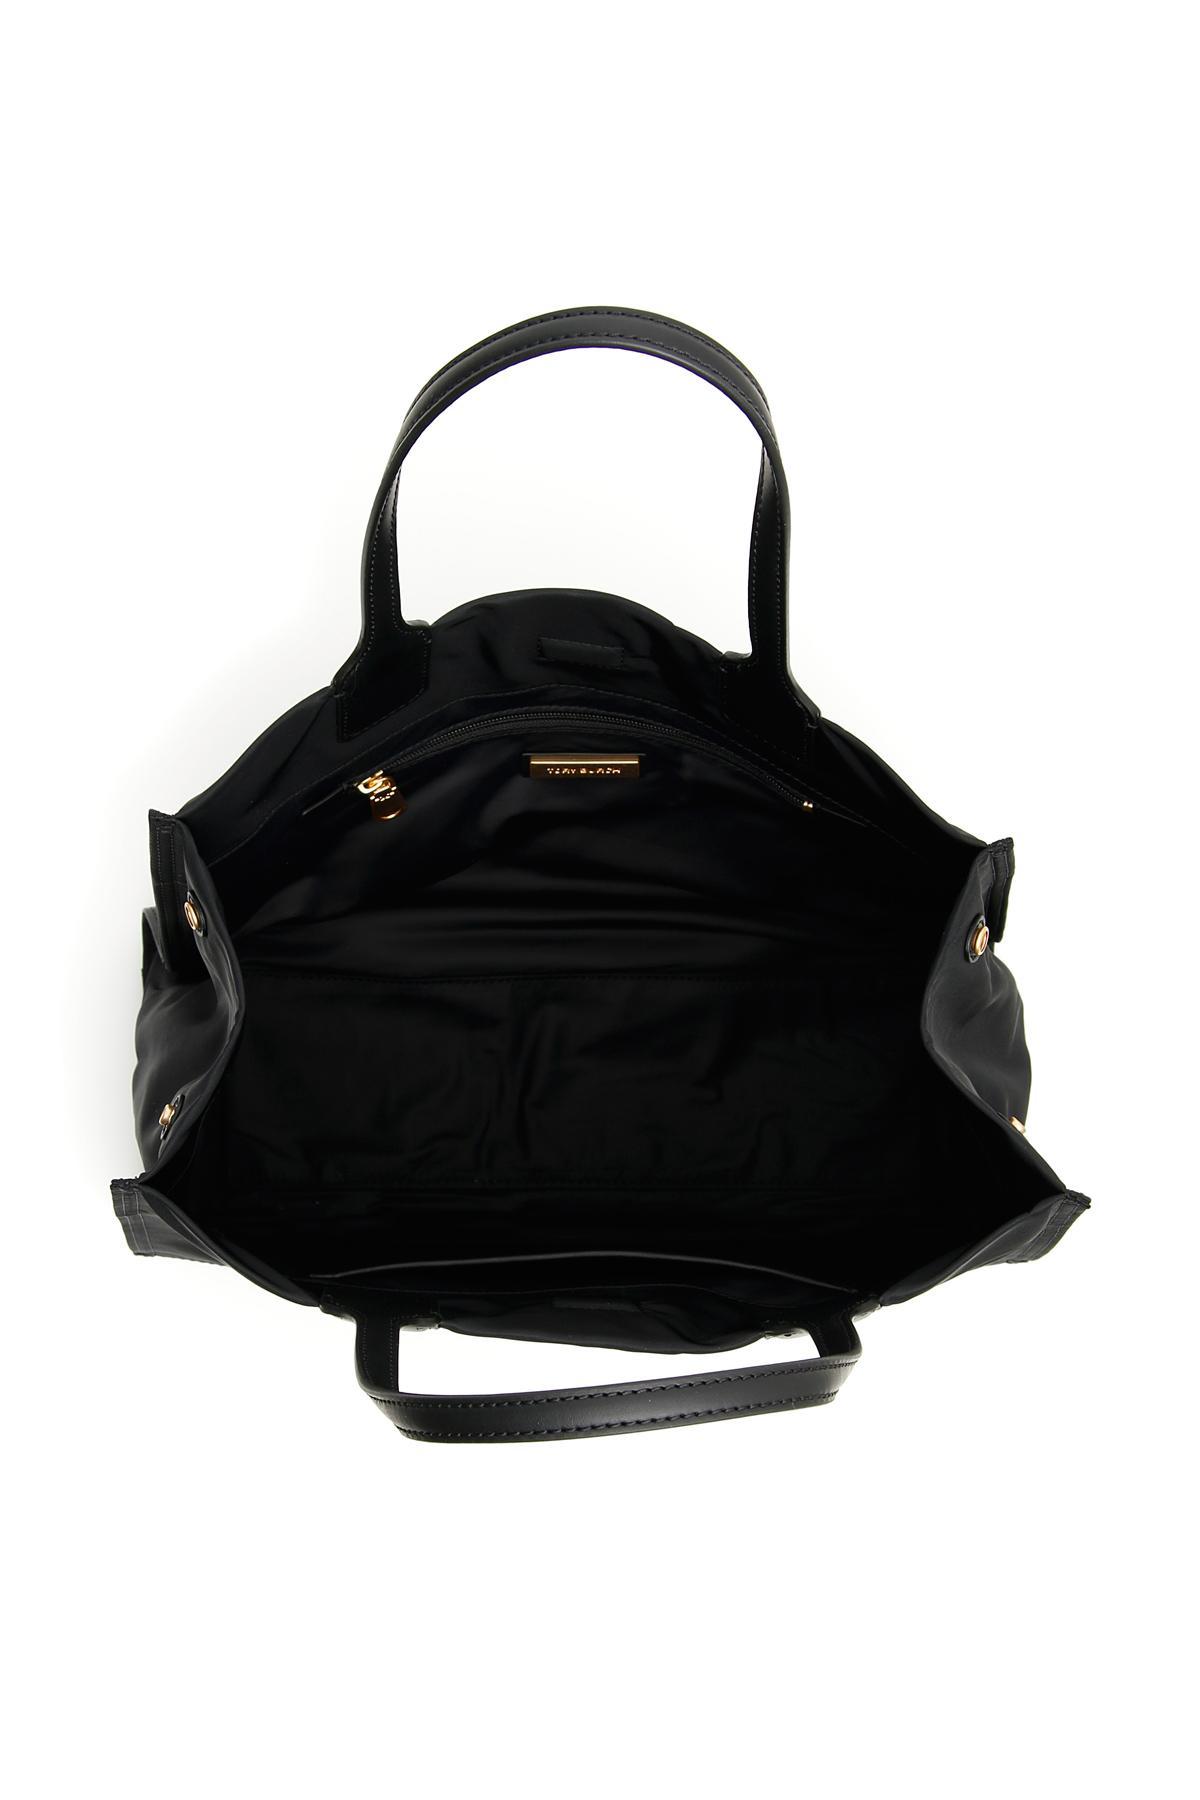 55869b1643d Tory Burch - Black Mini Ella Stud Shopper - Lyst. View fullscreen